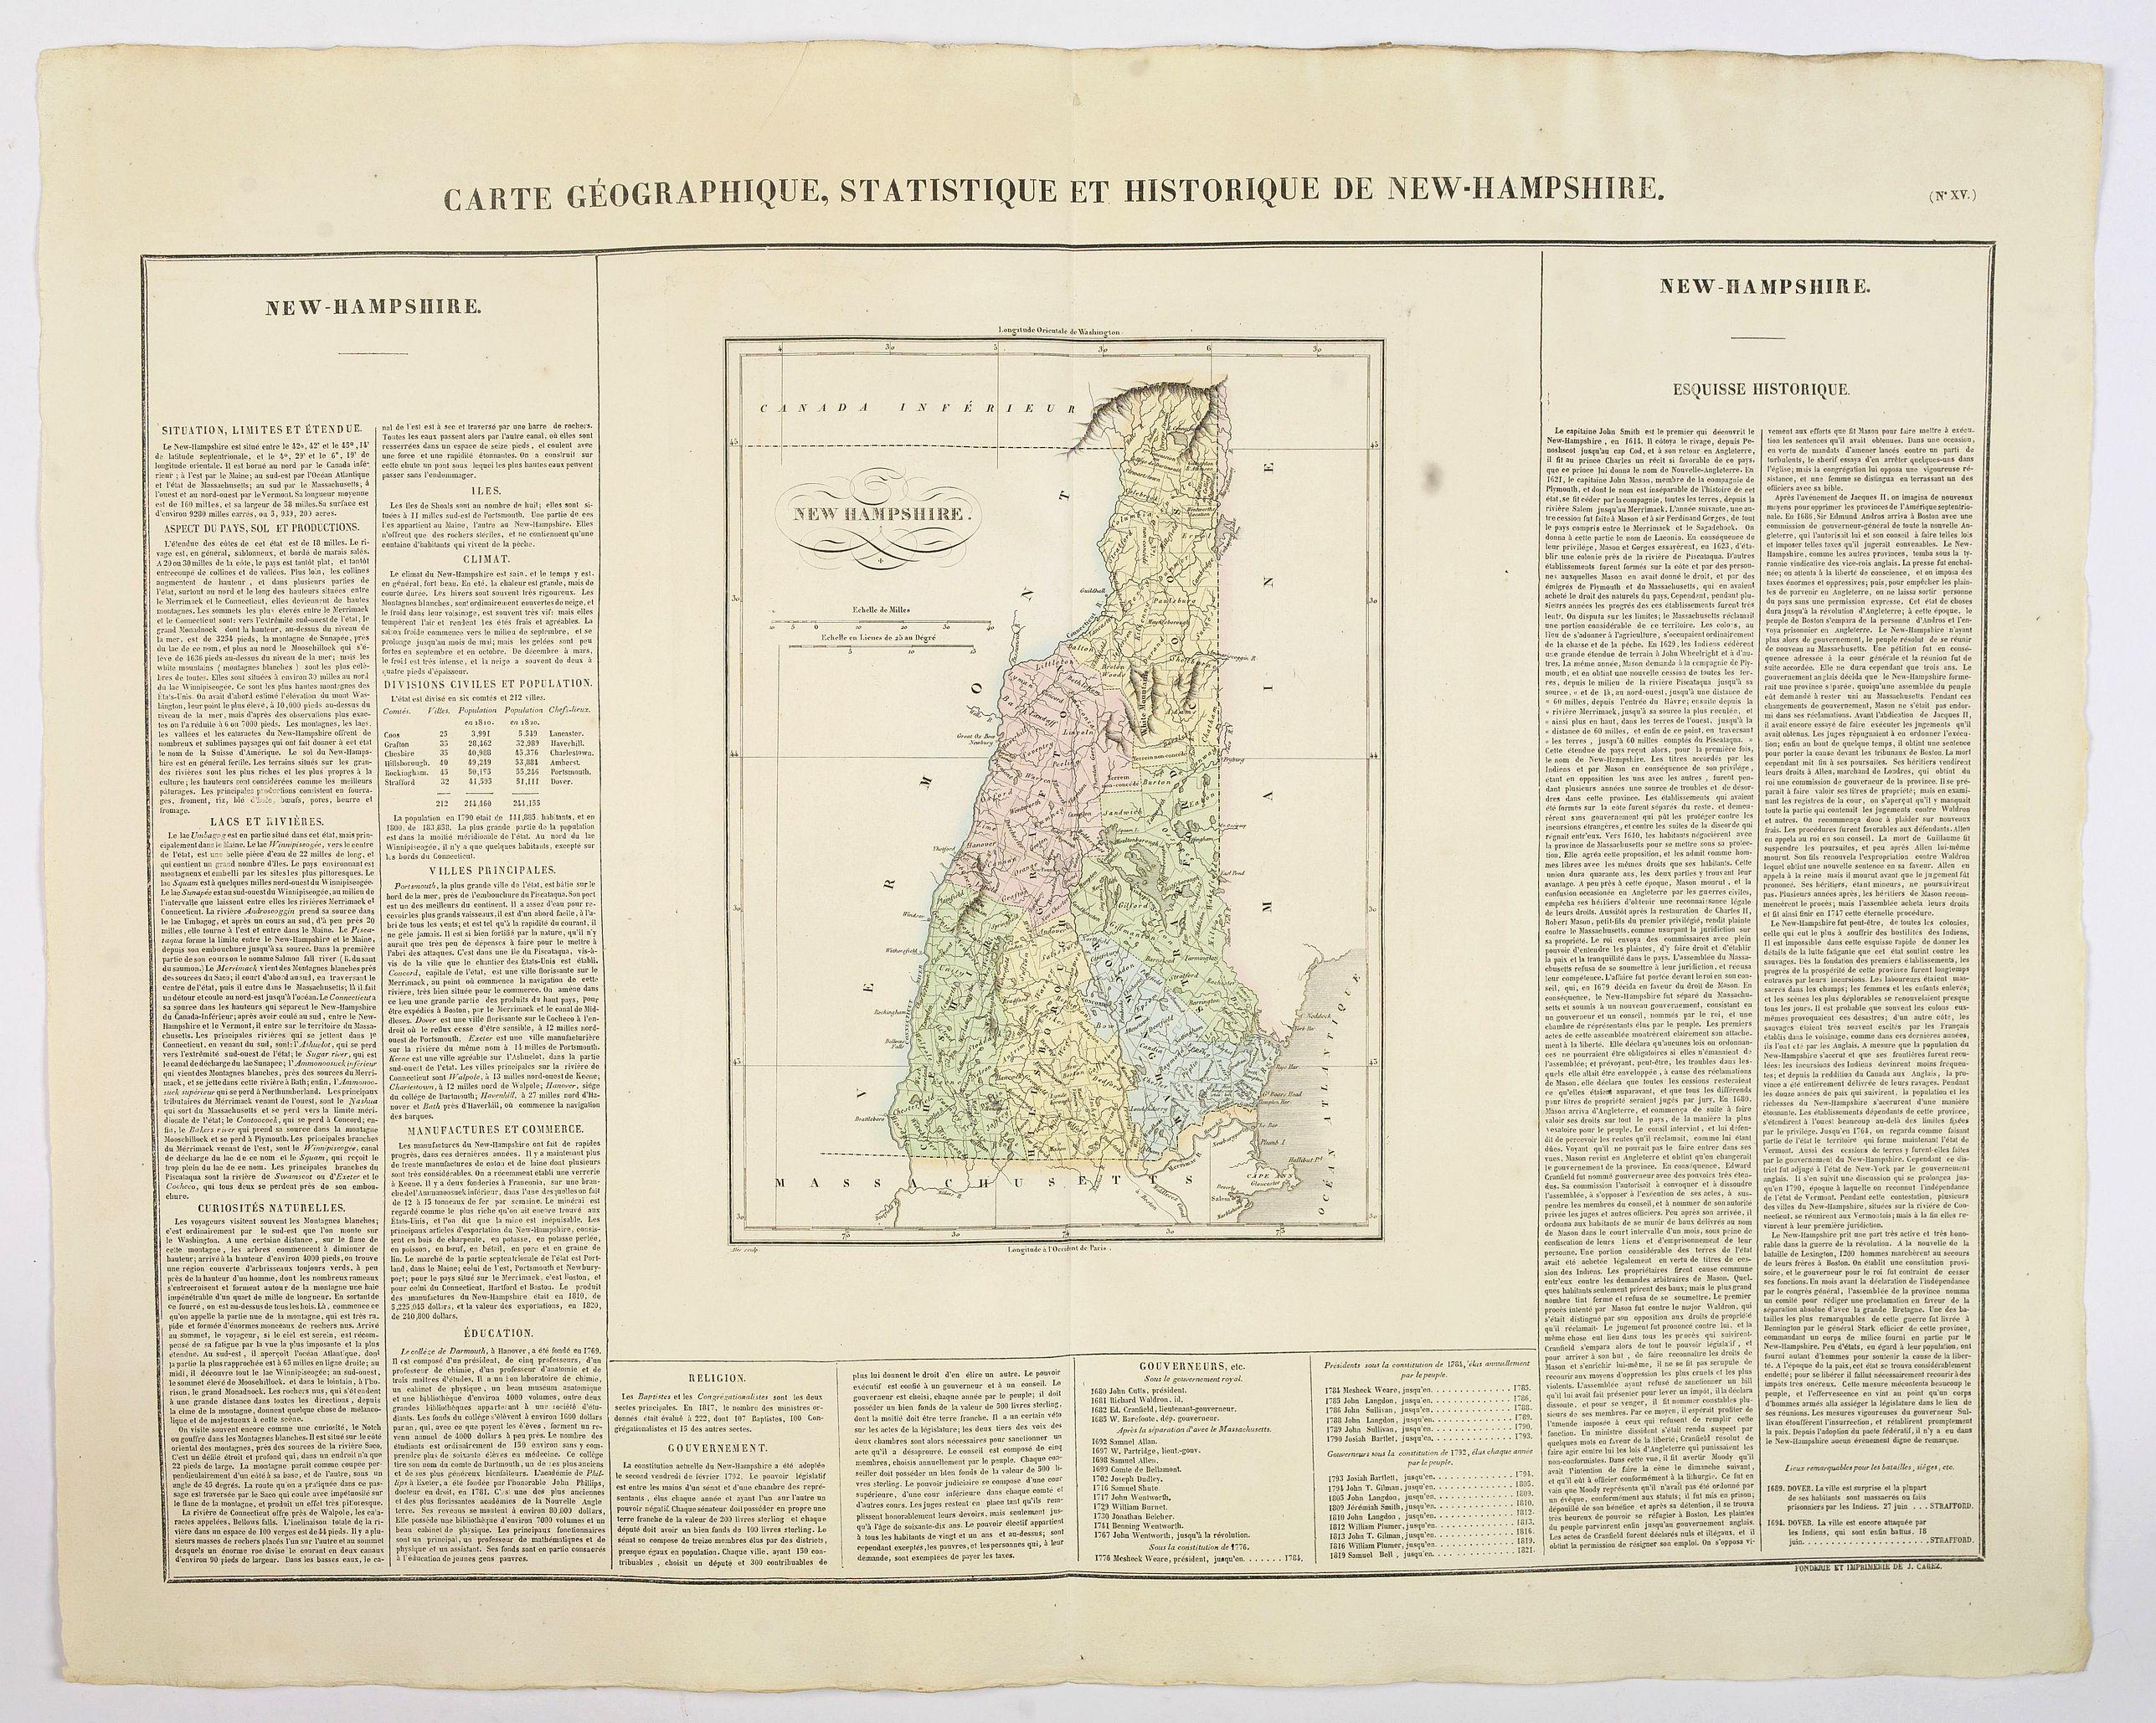 BUCHON, J.A. -  Carte Geographique, Statistique et Historique du New Hampshire.